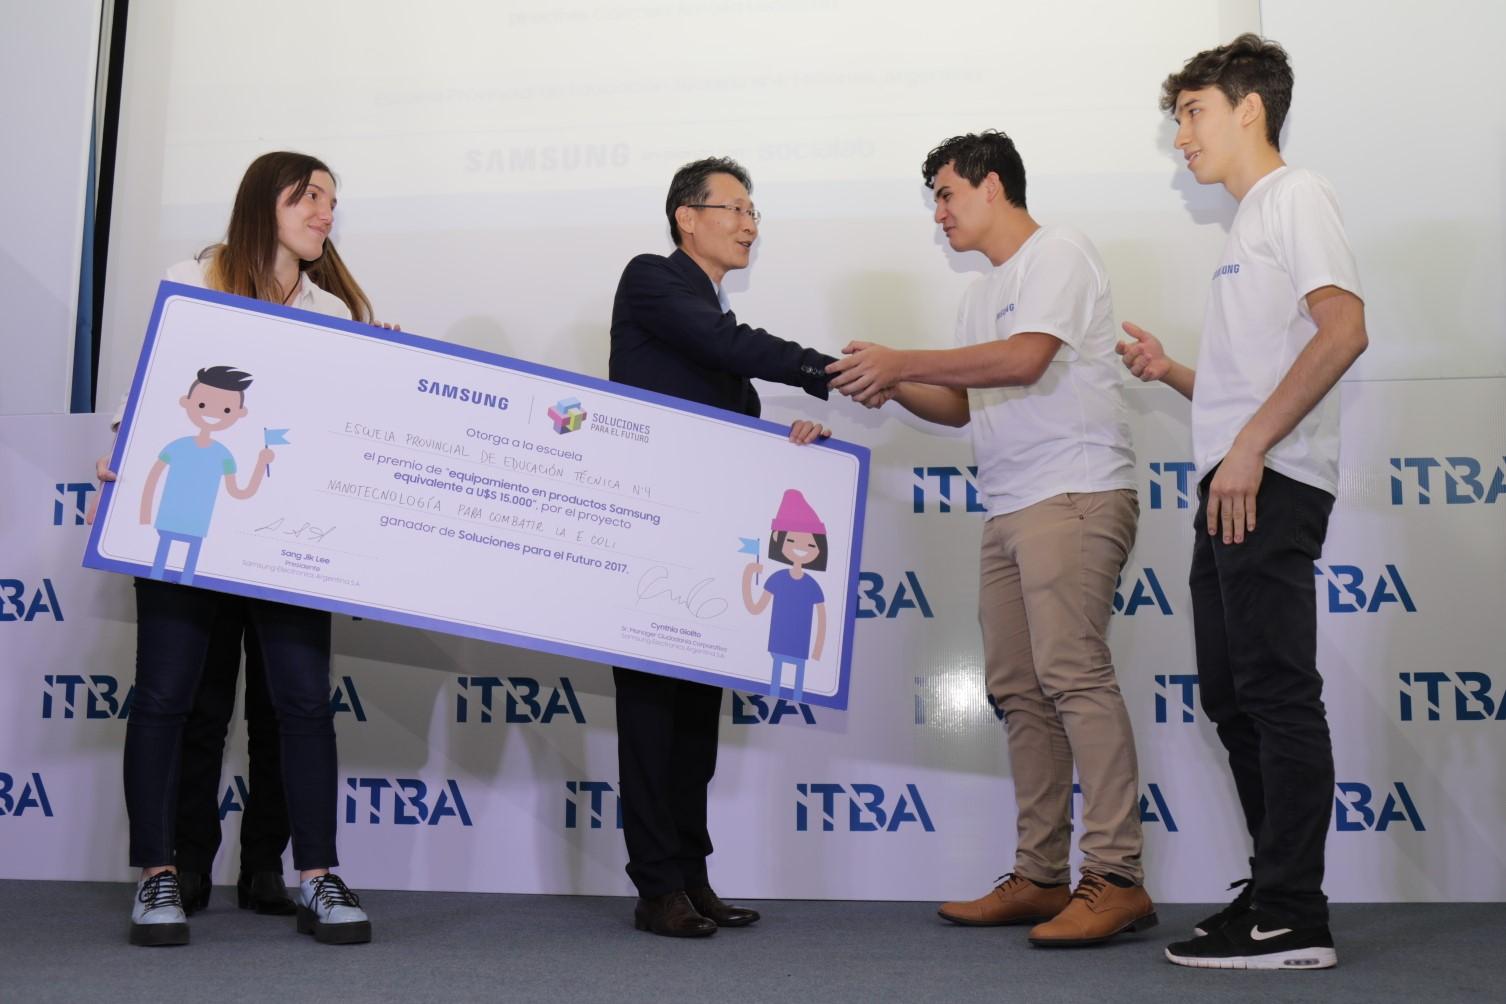 Soluciones para el futuro: programa de Samsung para estudiantes